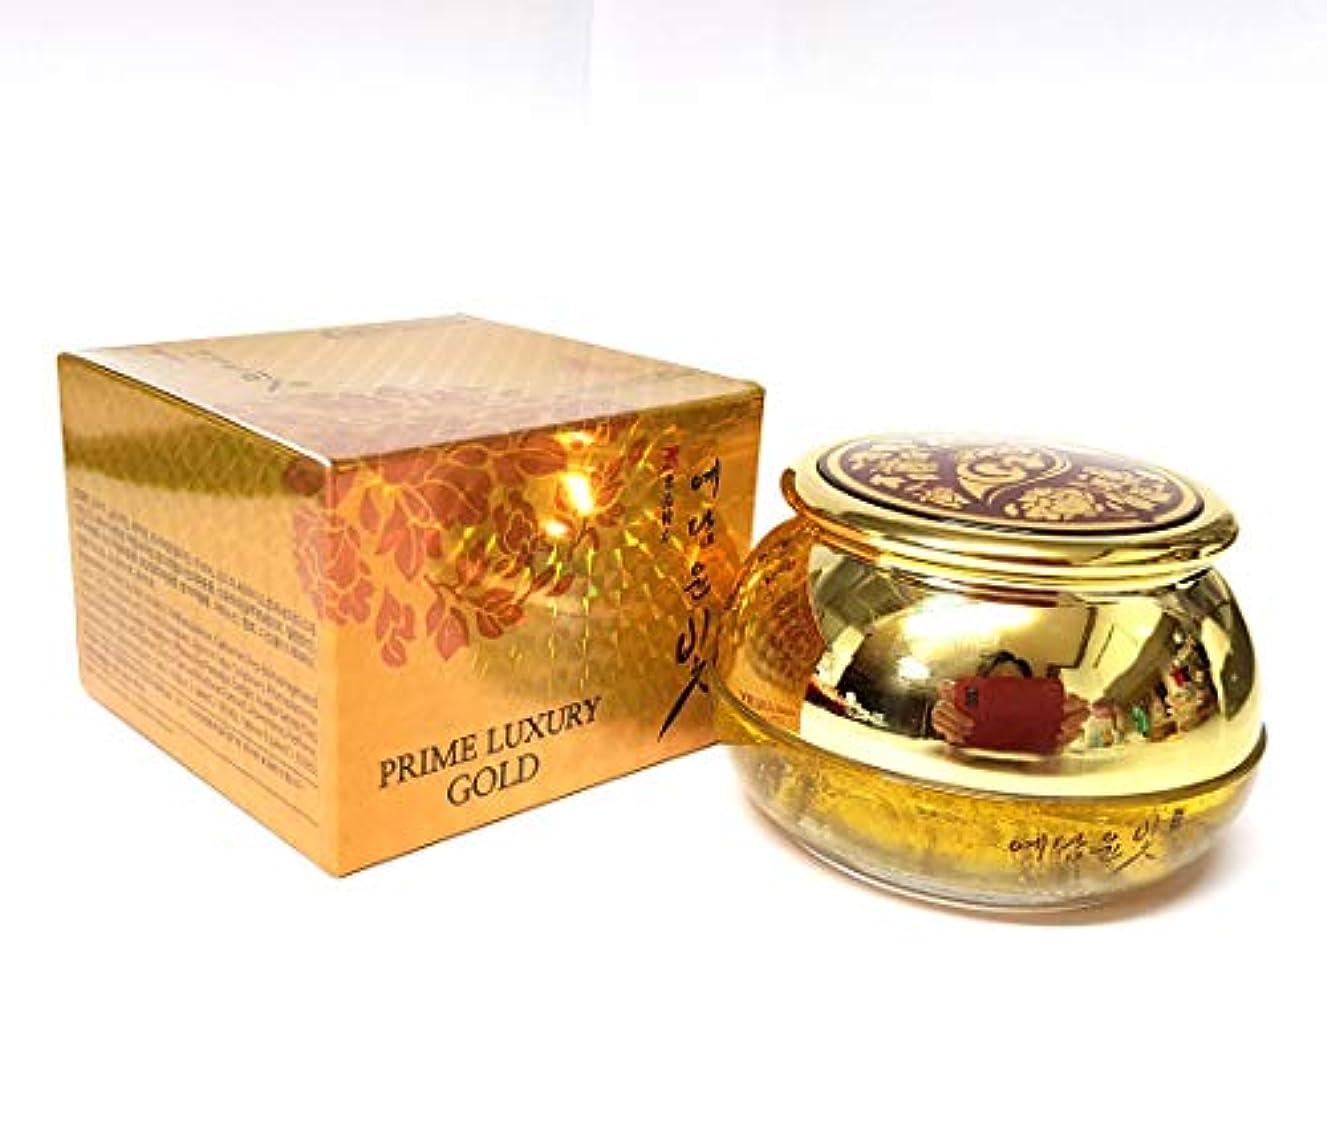 作物渇き不毛の[YEDAM YUNBIT] プライムラグジュアリーゴールドリフティングクリーム50g/ Prime Luxury Gold Lifting Cream 50g /ゴールドエキス/gold extract/しわ改善、保湿...